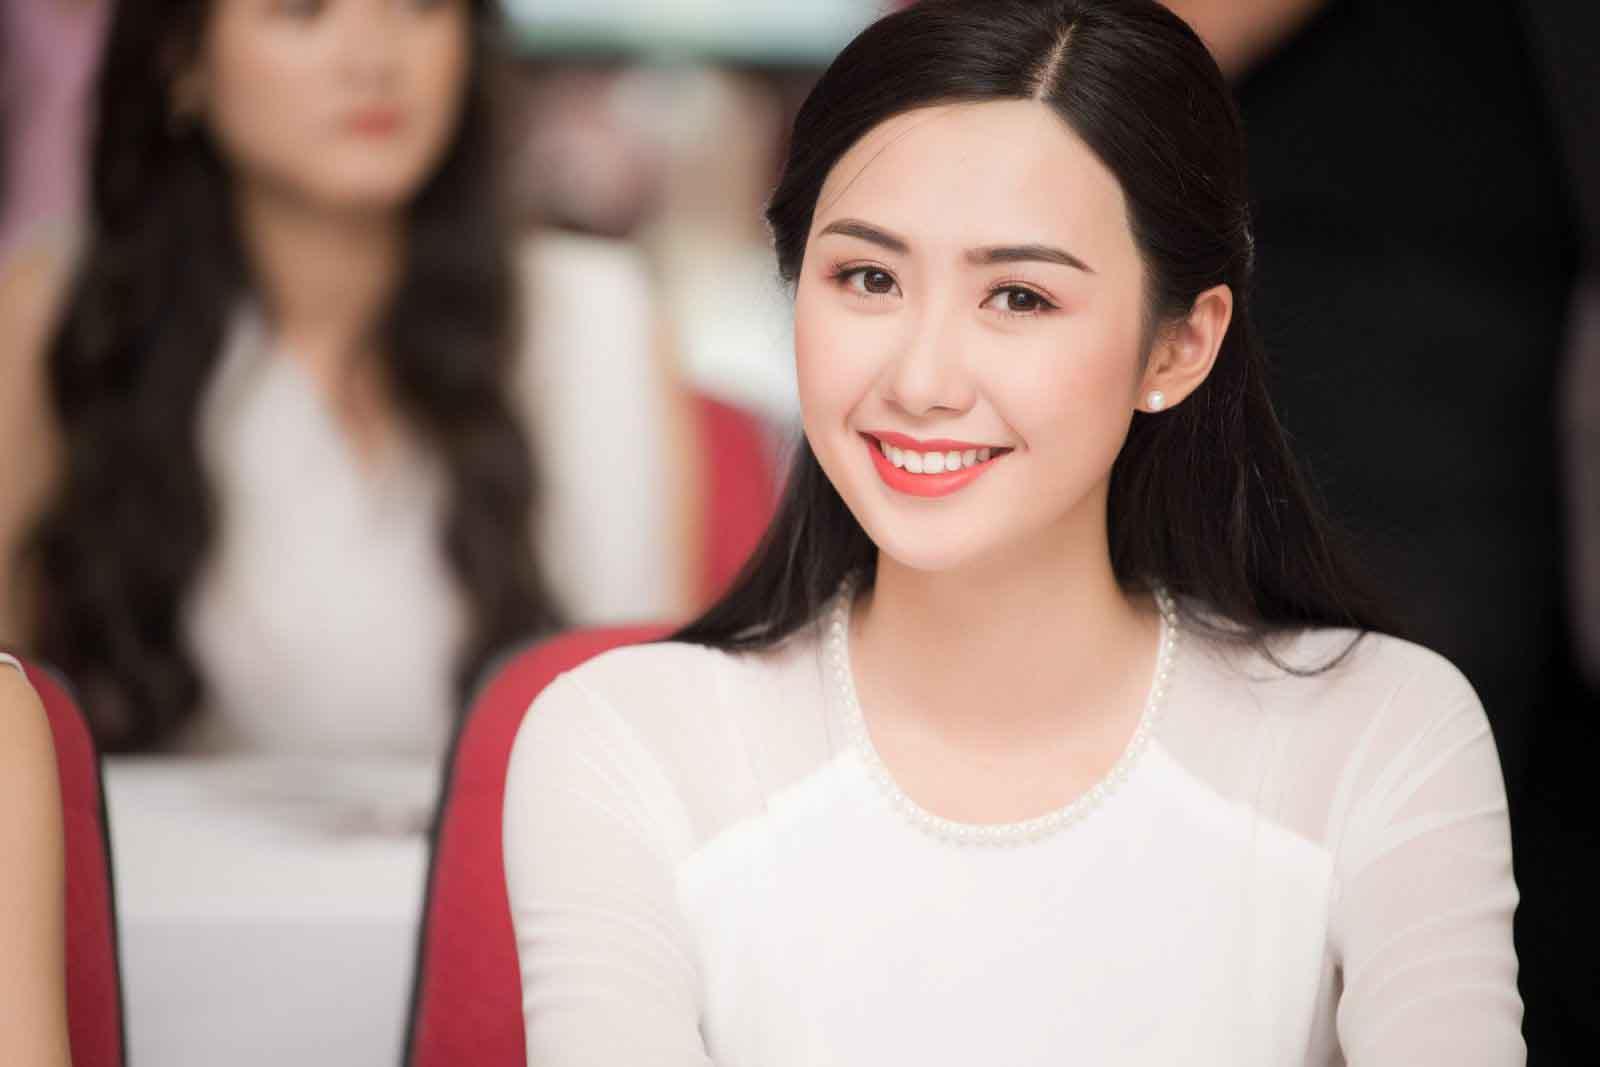 5 'nhan sắc' sáng giá cho danh hiệu Hoa hậu Việt Nam 2018